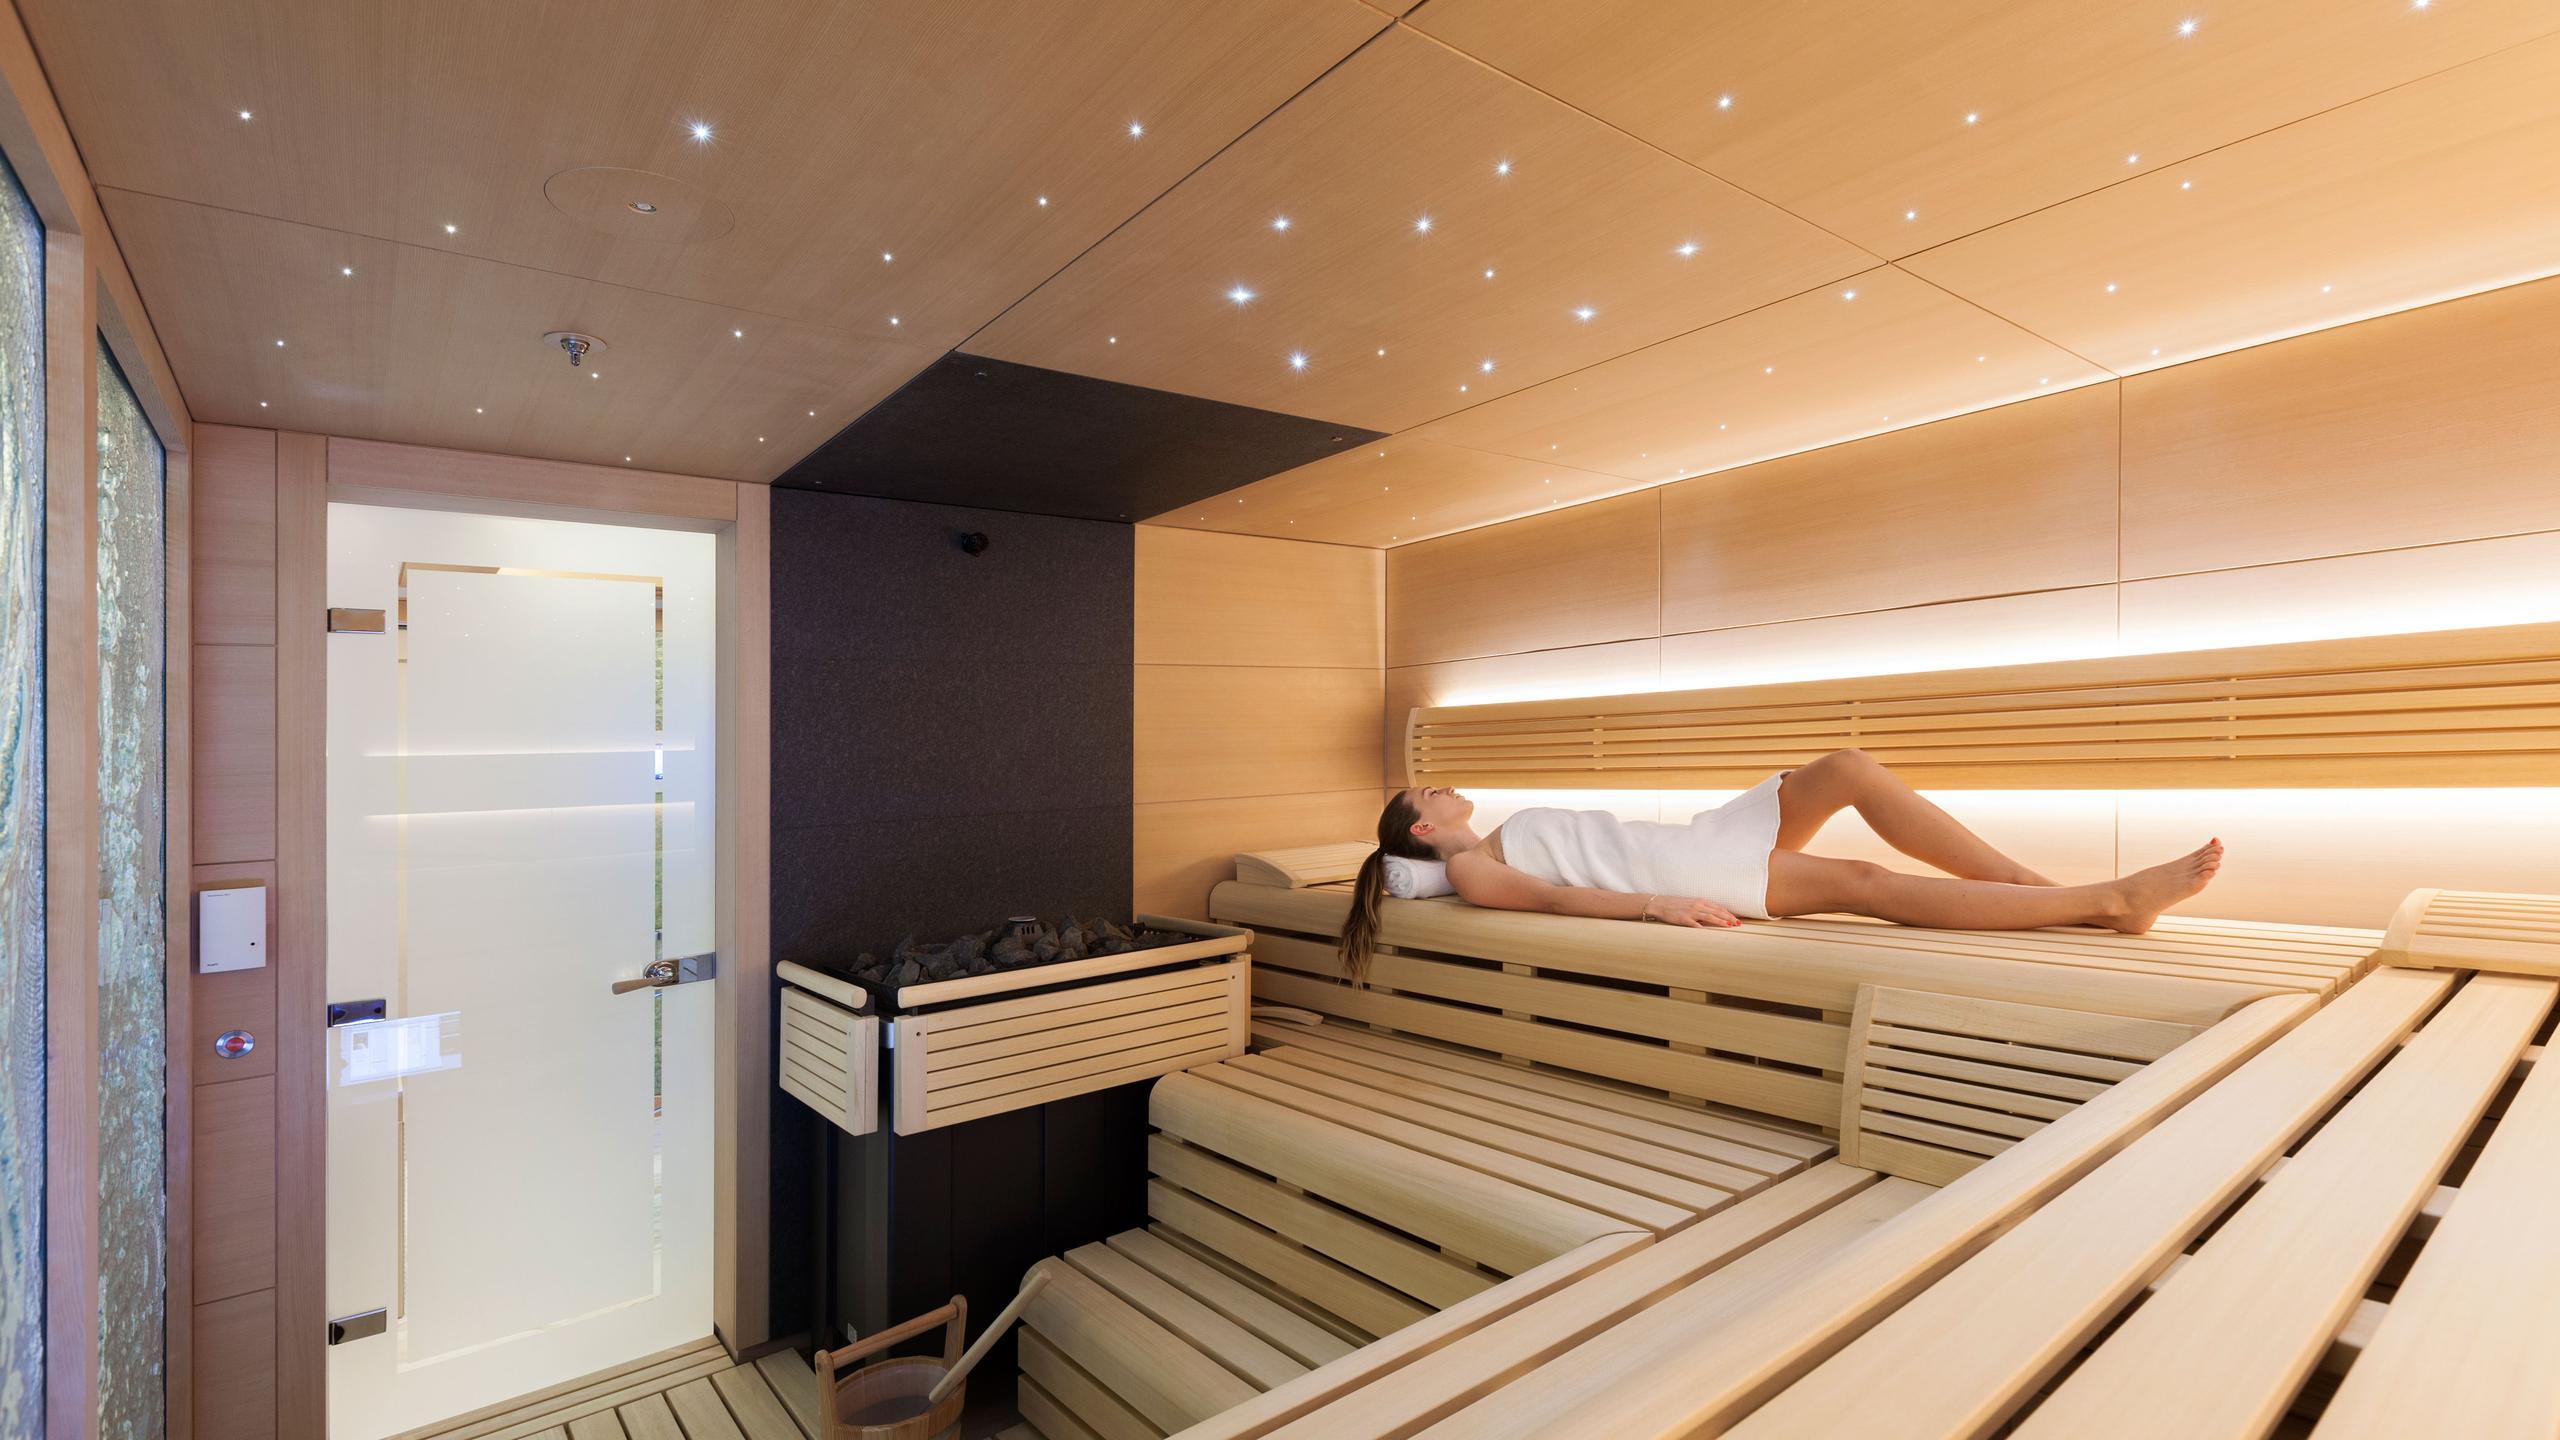 solandge-motor-yacht-lurssen-2013-85m-spa-sauna